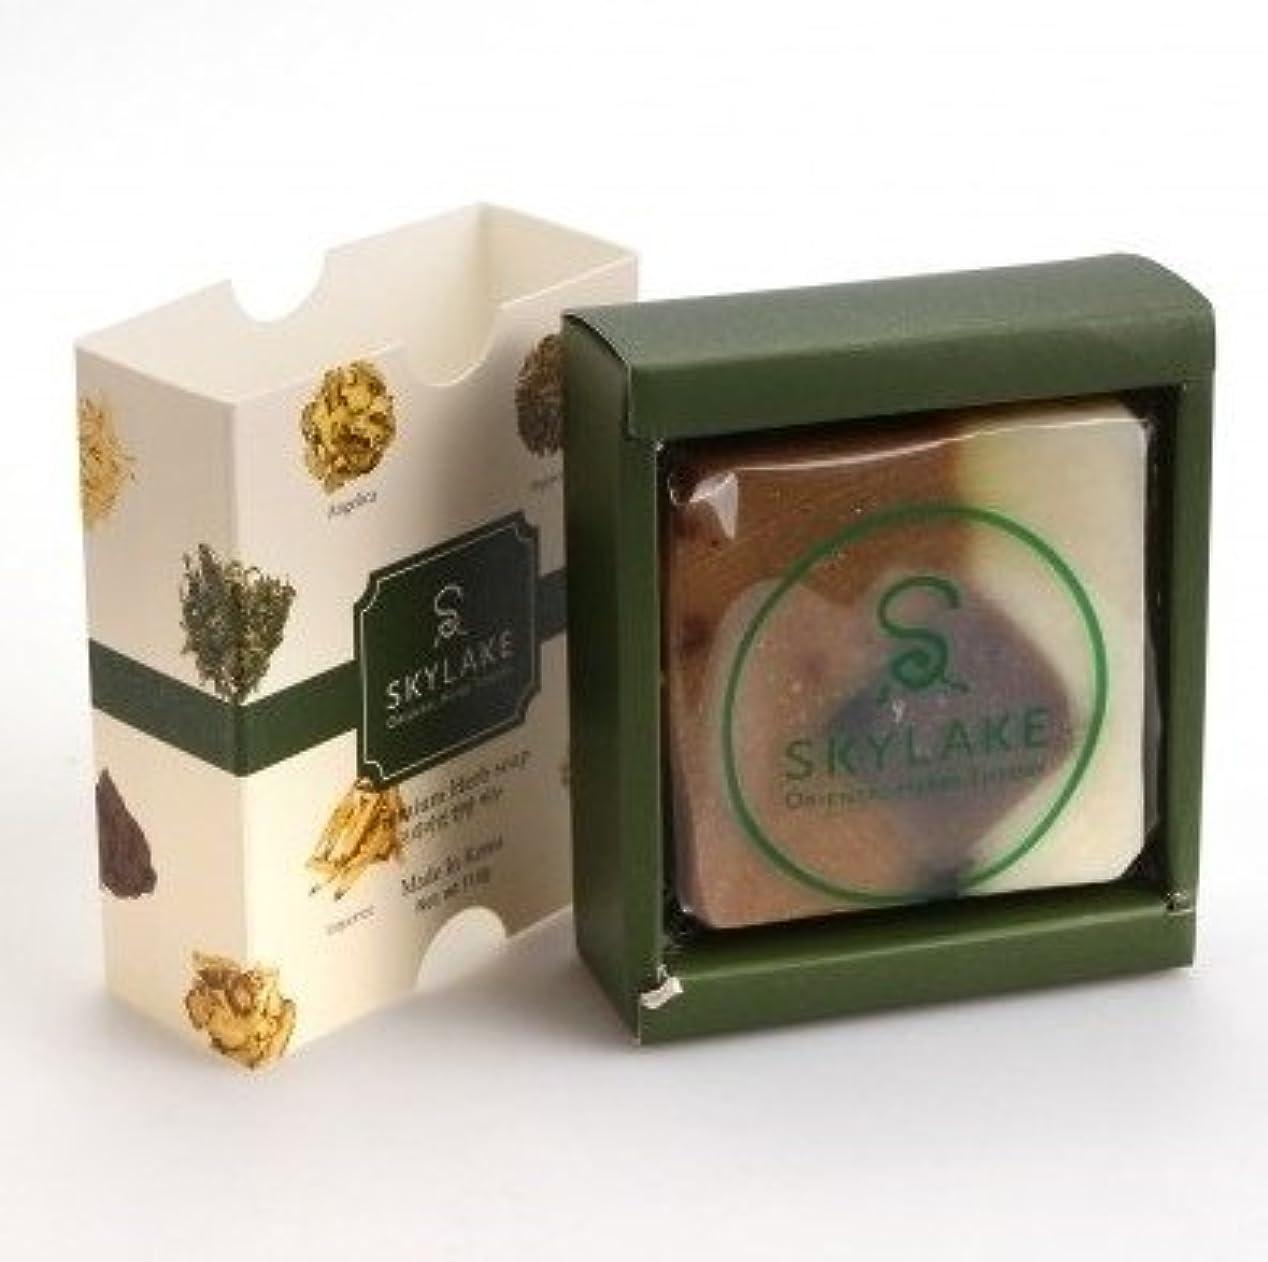 フレッシュリズム中で[1+1]ハヌルホス[Skylake] 漢方アロマ石鹸Oriental Herbs Theory Soap (プレミアム手作り漢方)